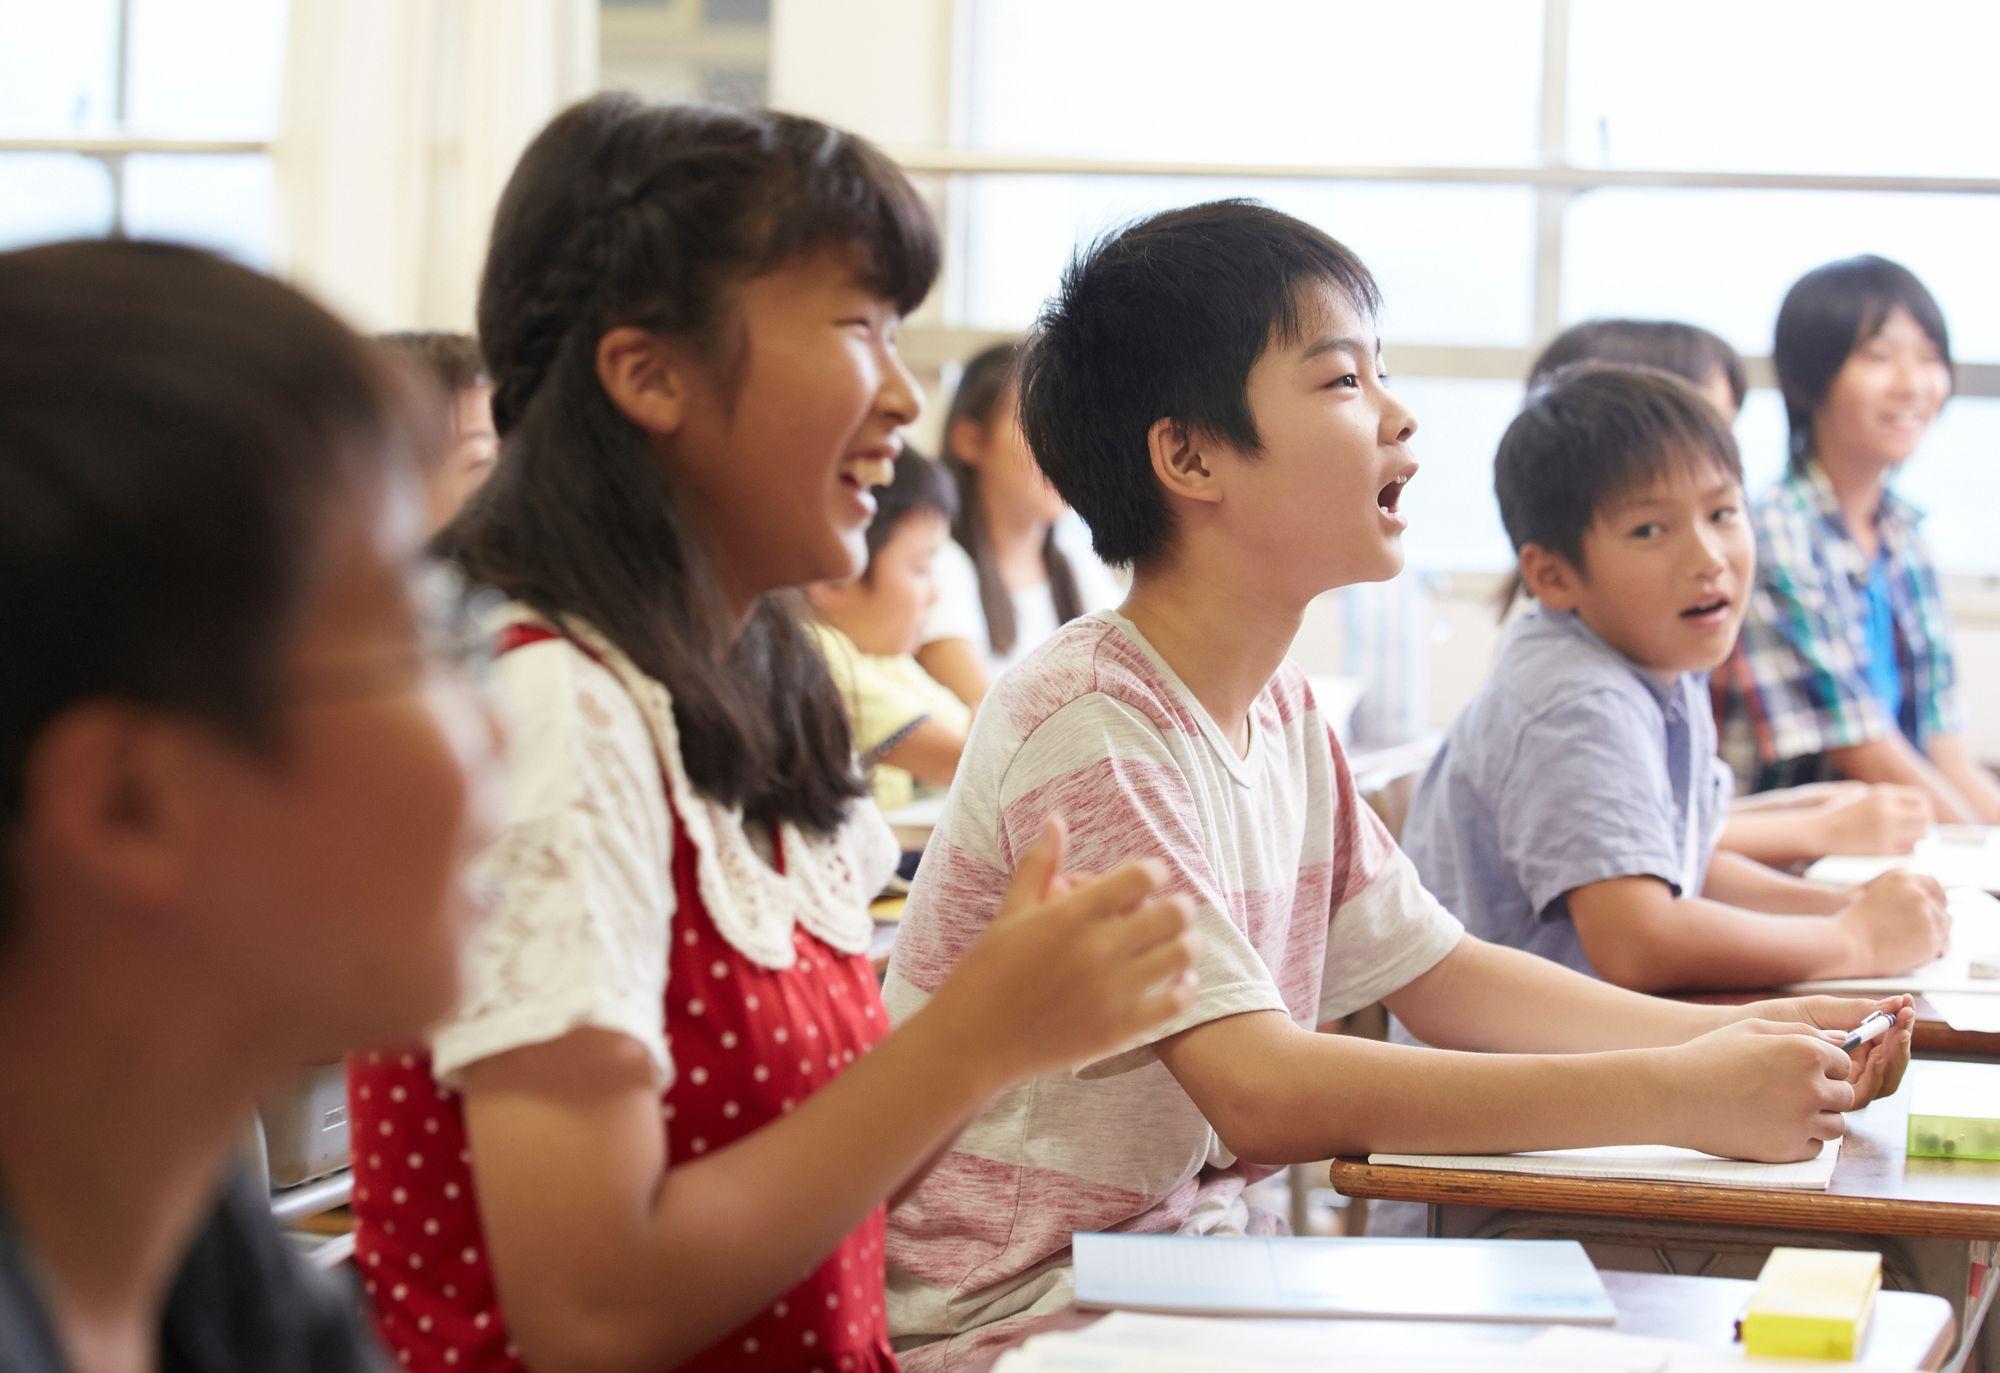 全国4300の小中学校が「未来の教室」へと動き出す。文理横断型の教育アプローチは結実するか